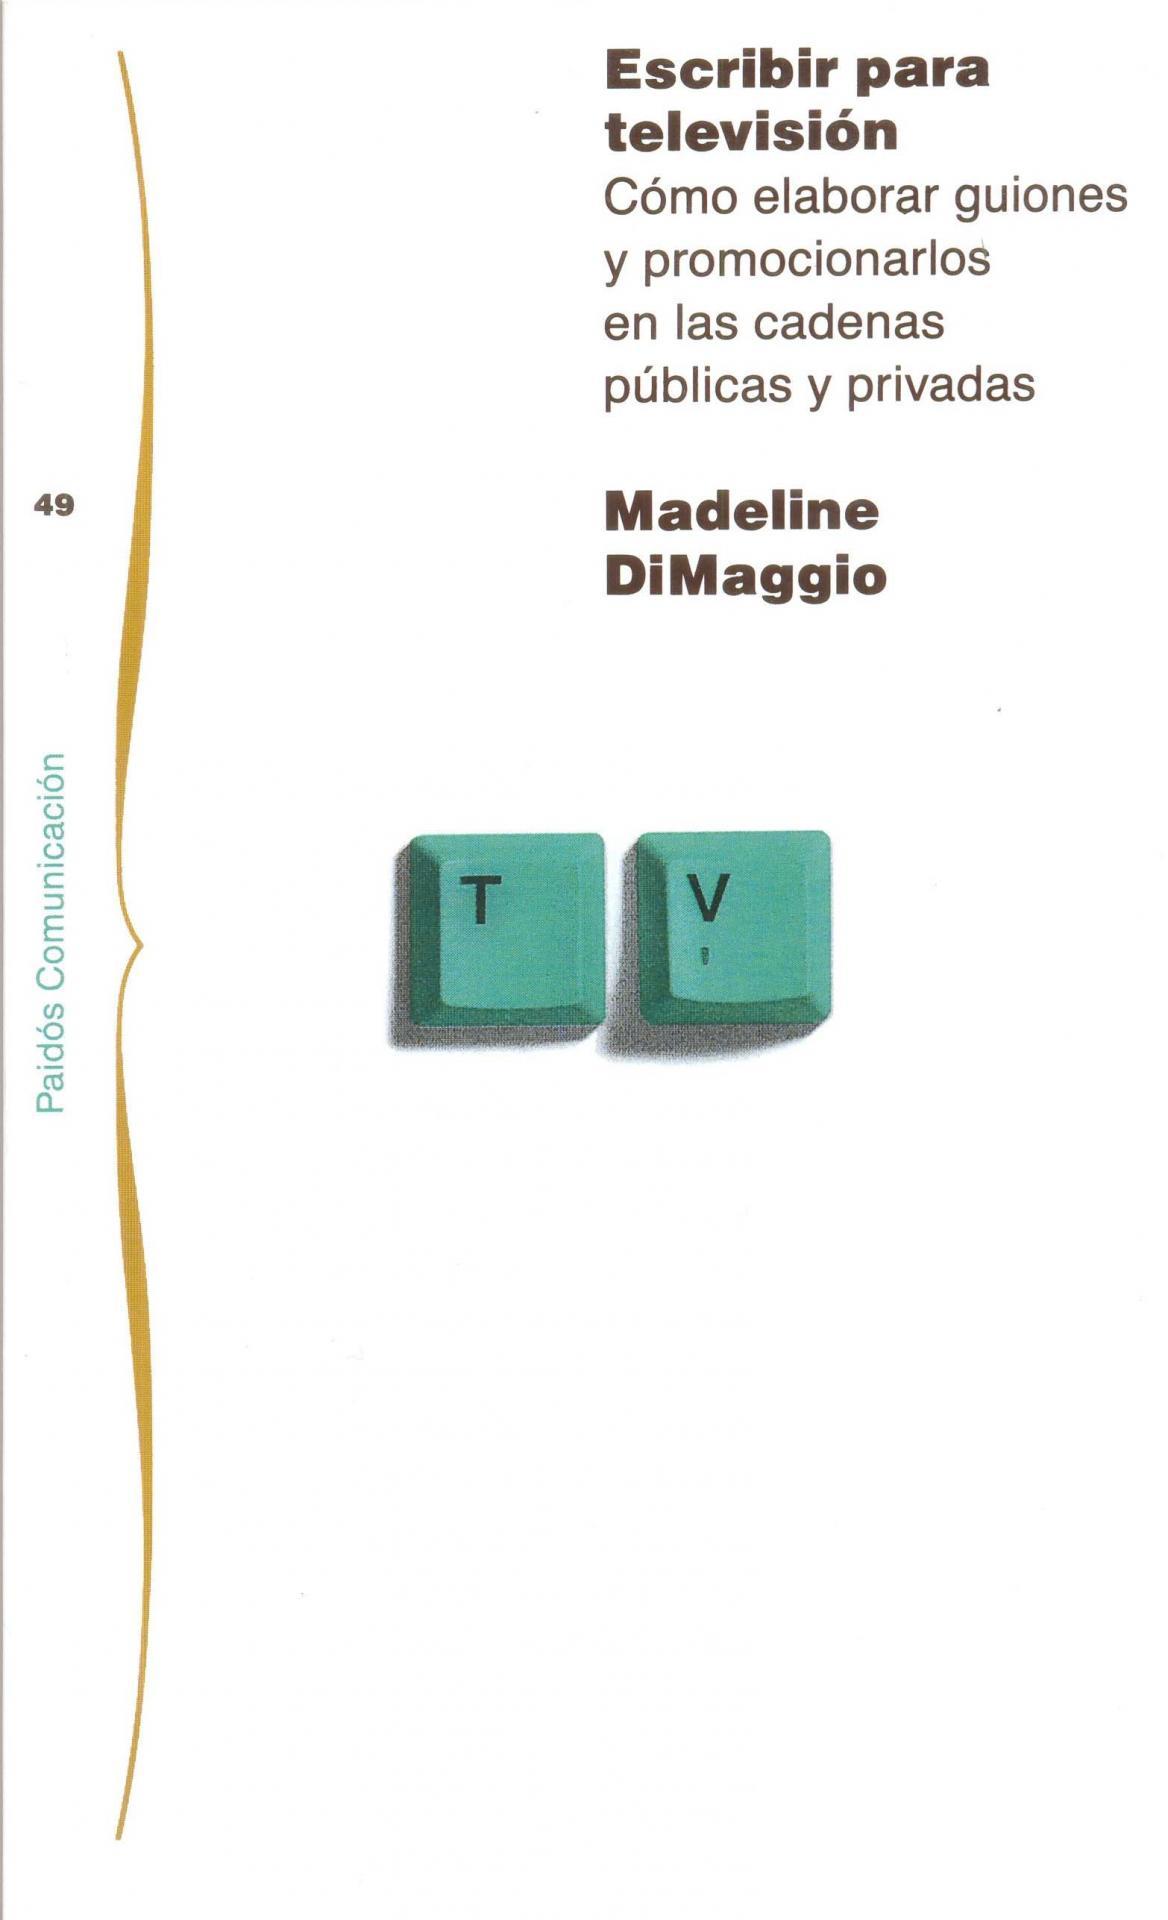 ESCRIBIR PARA TELEVISIÓN. Cómo elaborar guiones y promocionarlos en las cadena públicas y privadas. DiMaggio, M.